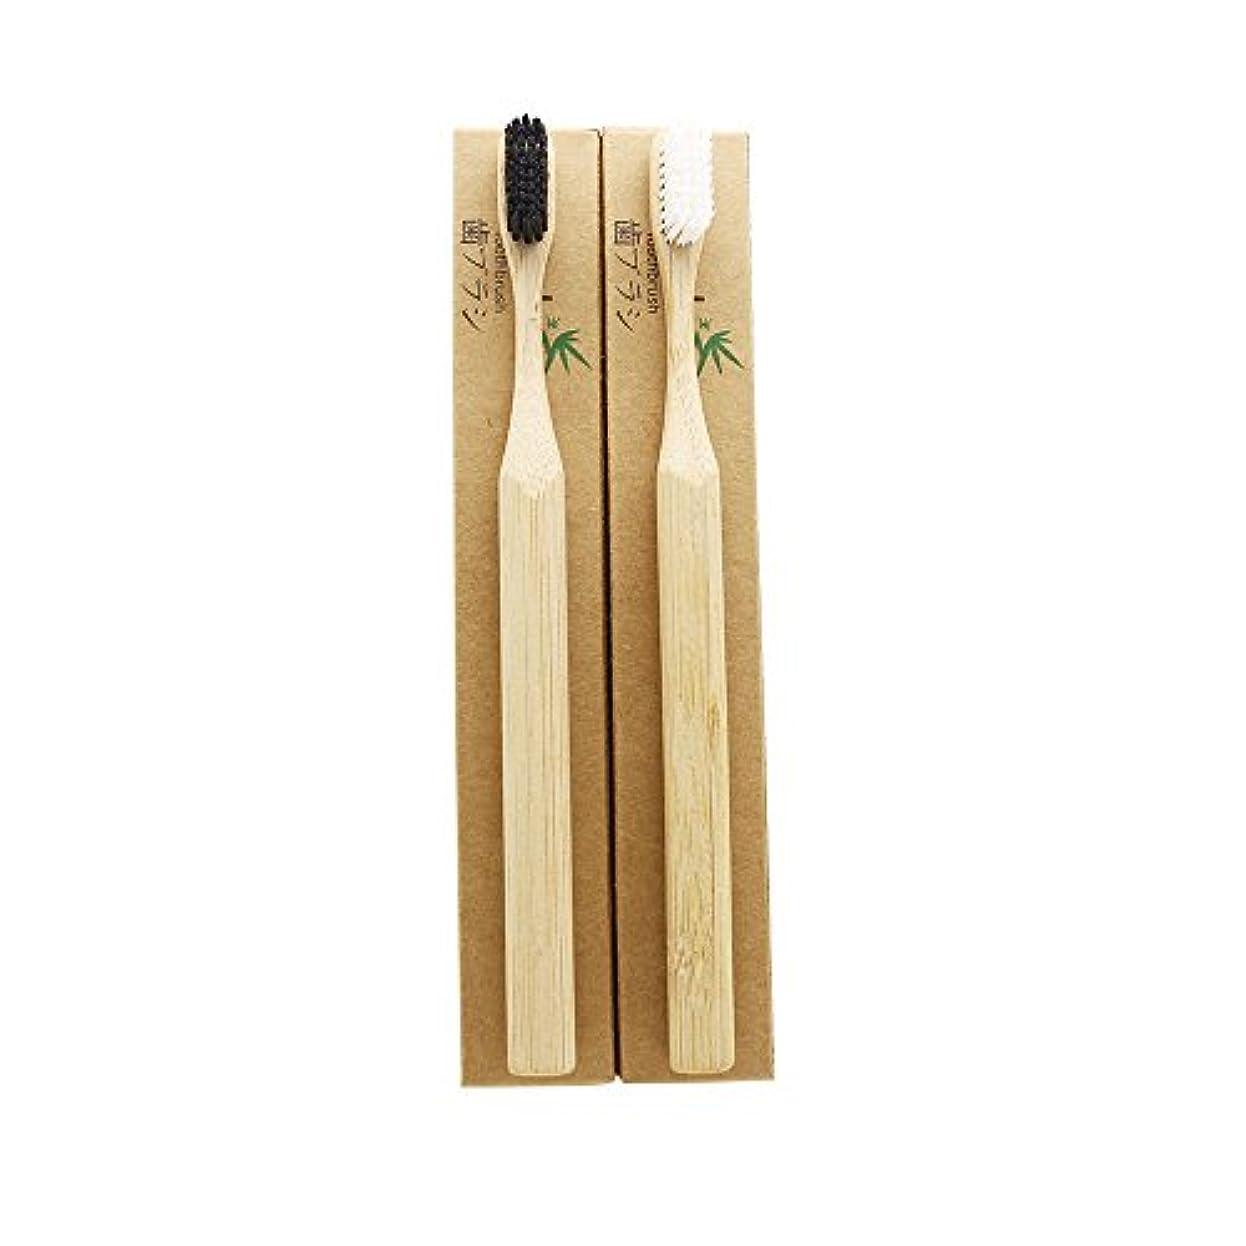 霧裁判官薬剤師N-amboo 竹製 歯ブラシ 高耐久性 白と黒 セット エコ 丸いハンドル (2本)